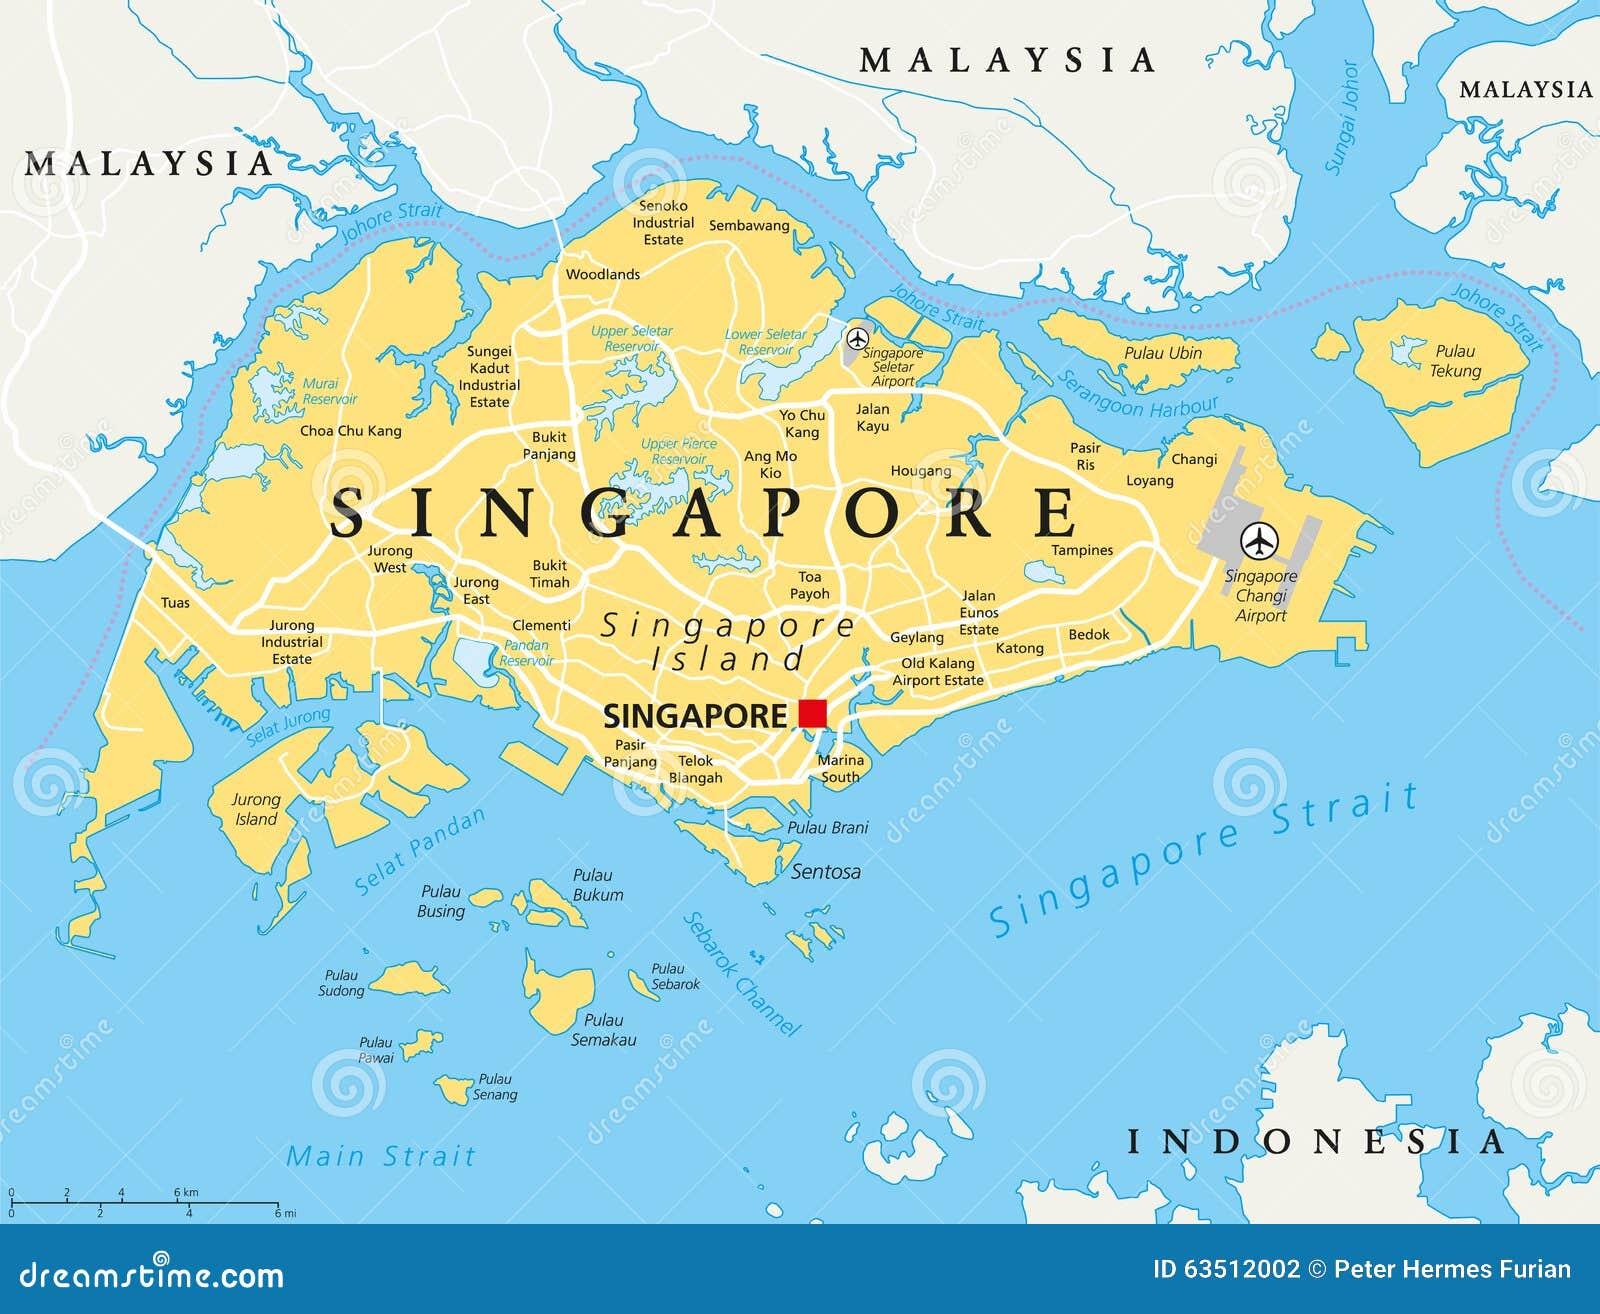 singapura no mapa Mapa político de Singapura ilustração do vetor. Ilustração de  singapura no mapa